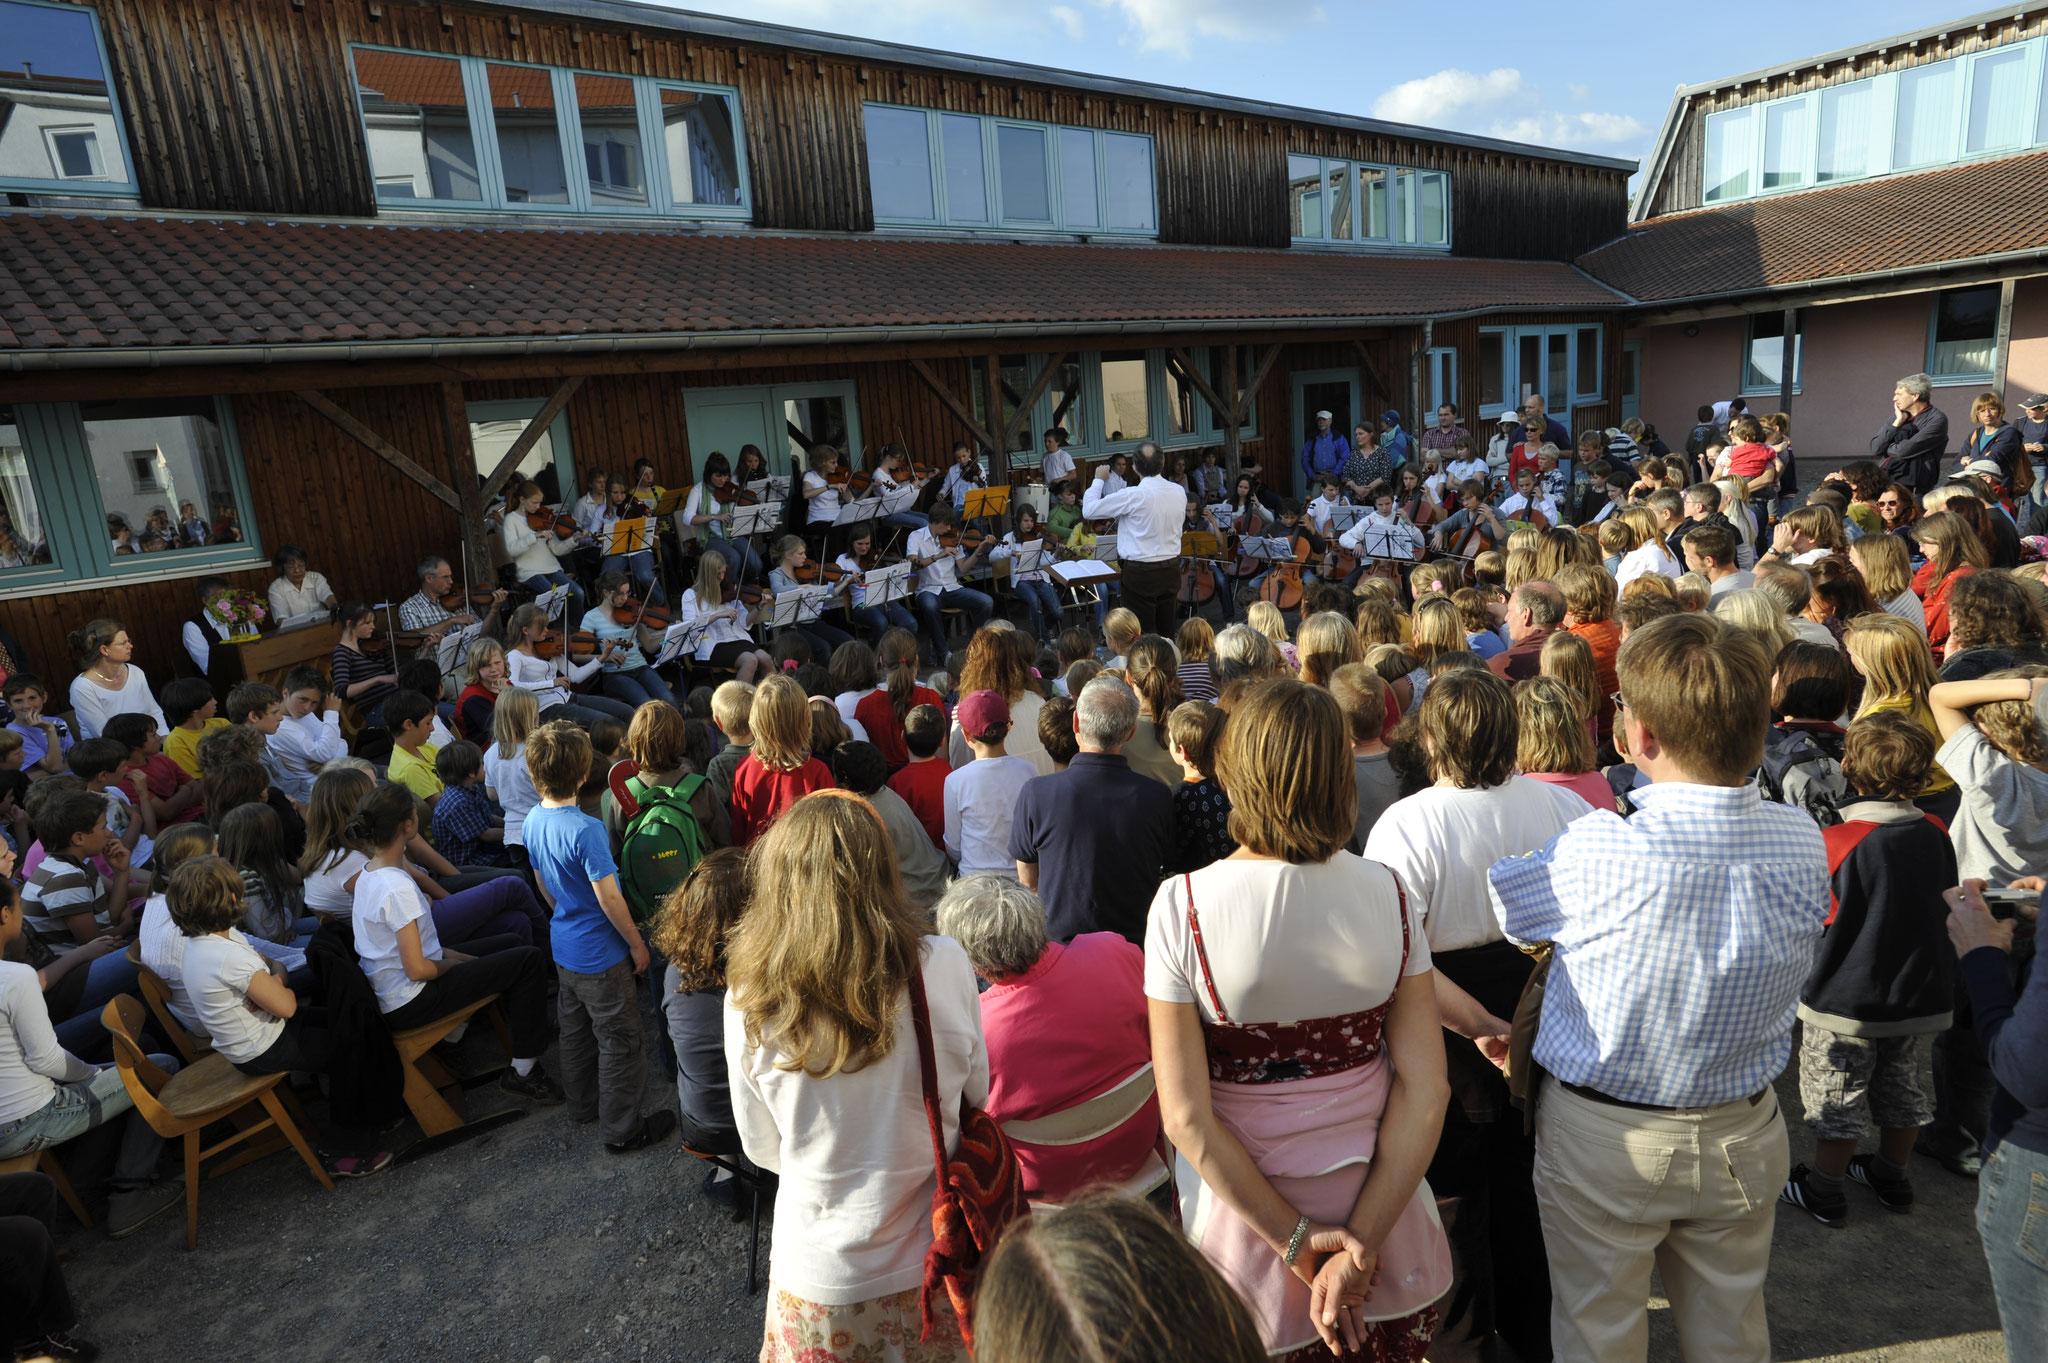 Freiluft-Aufführung des Schulorchesters